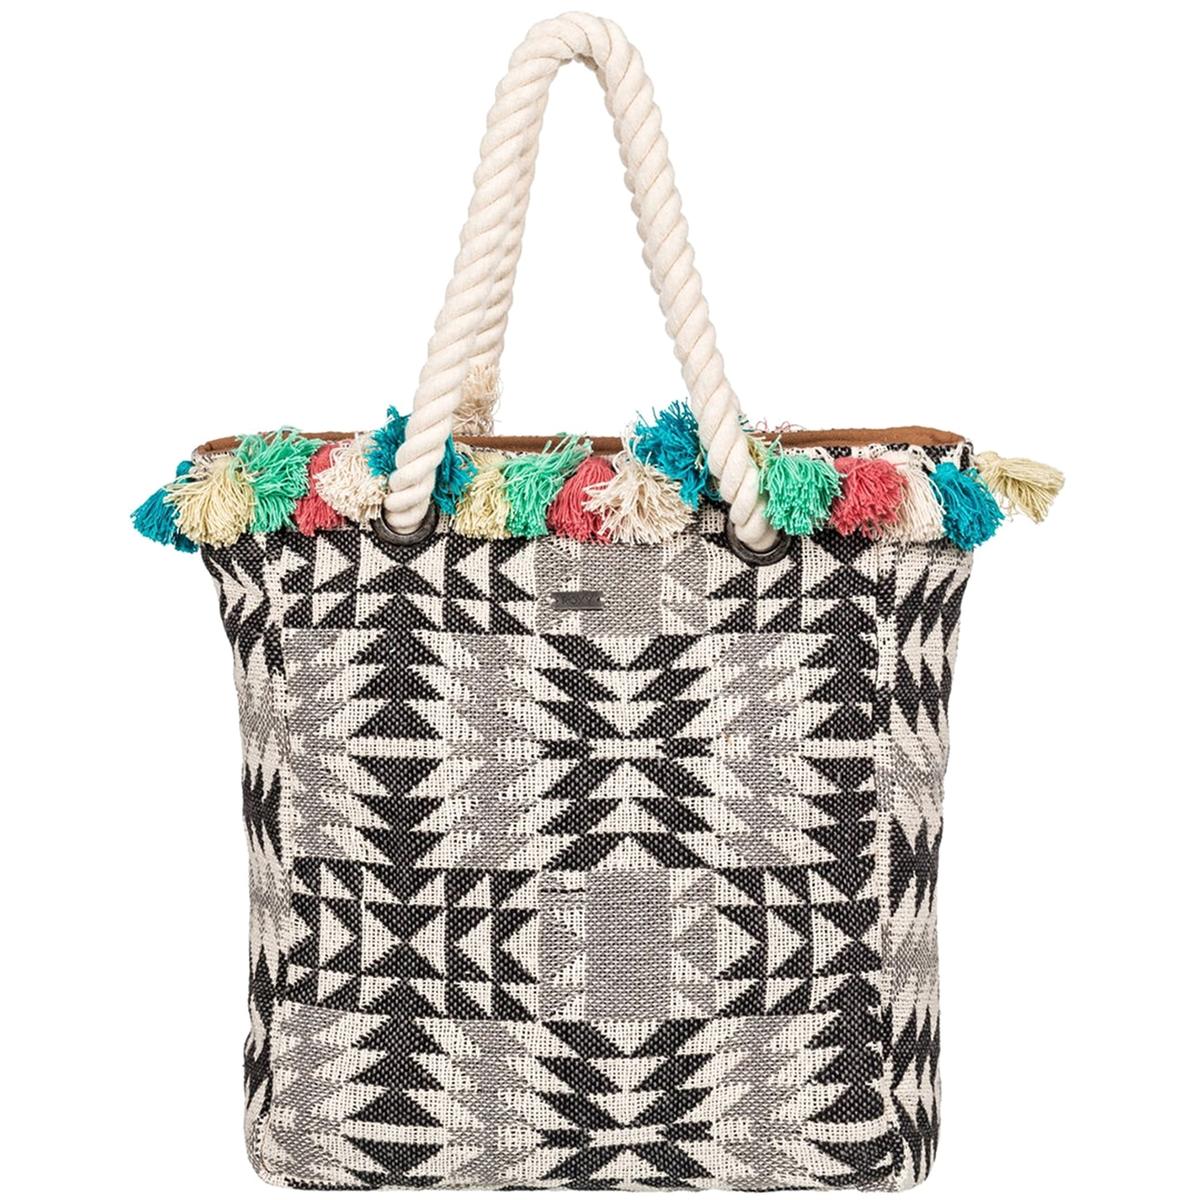 Сумка Dreamscape J Prhb NLF0Хорошо известная своим именем Roxy сумка позволяет мечтать !Состав и описание : •  Материал : хлопок снаружи                       подкладка из текстиля  •  Марка : ROXY. •  Модель :  Dreamscape J Prhb NLF0 •  Размер : 36 x 30 x 11 cм •  Застежка : молния1 внутренний карманНосить в руке<br><br>Цвет: разноцветный